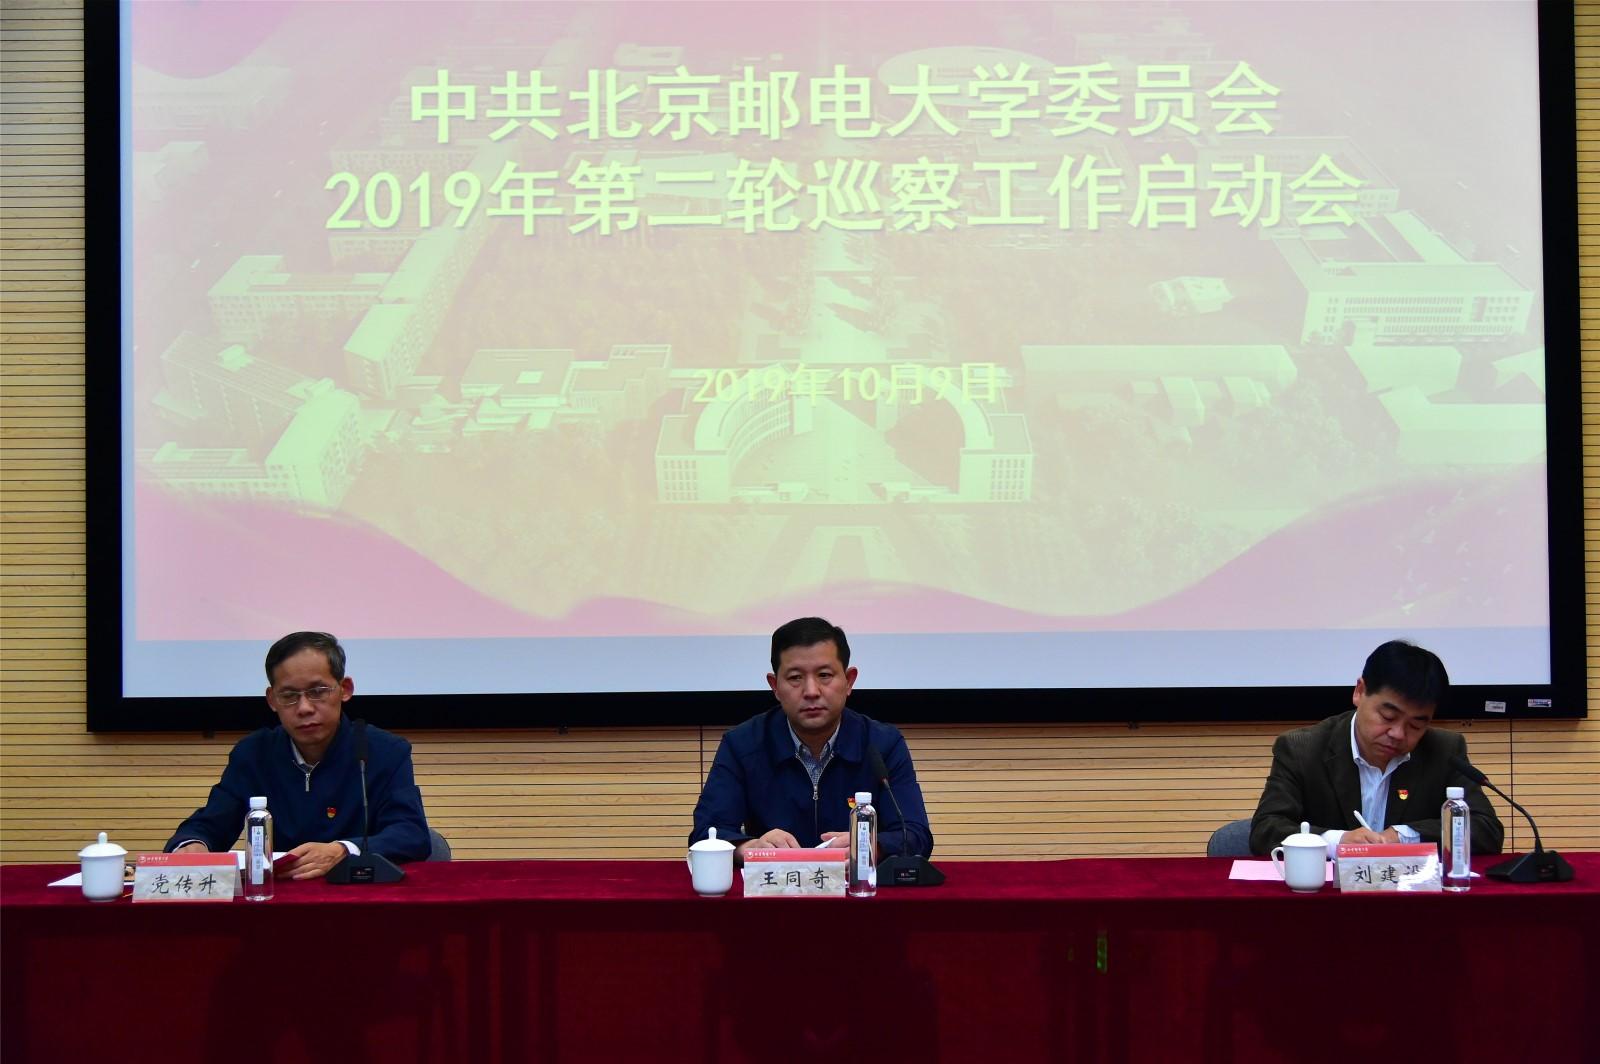 北京邮电大学召开2019年第二轮巡察工作启动会